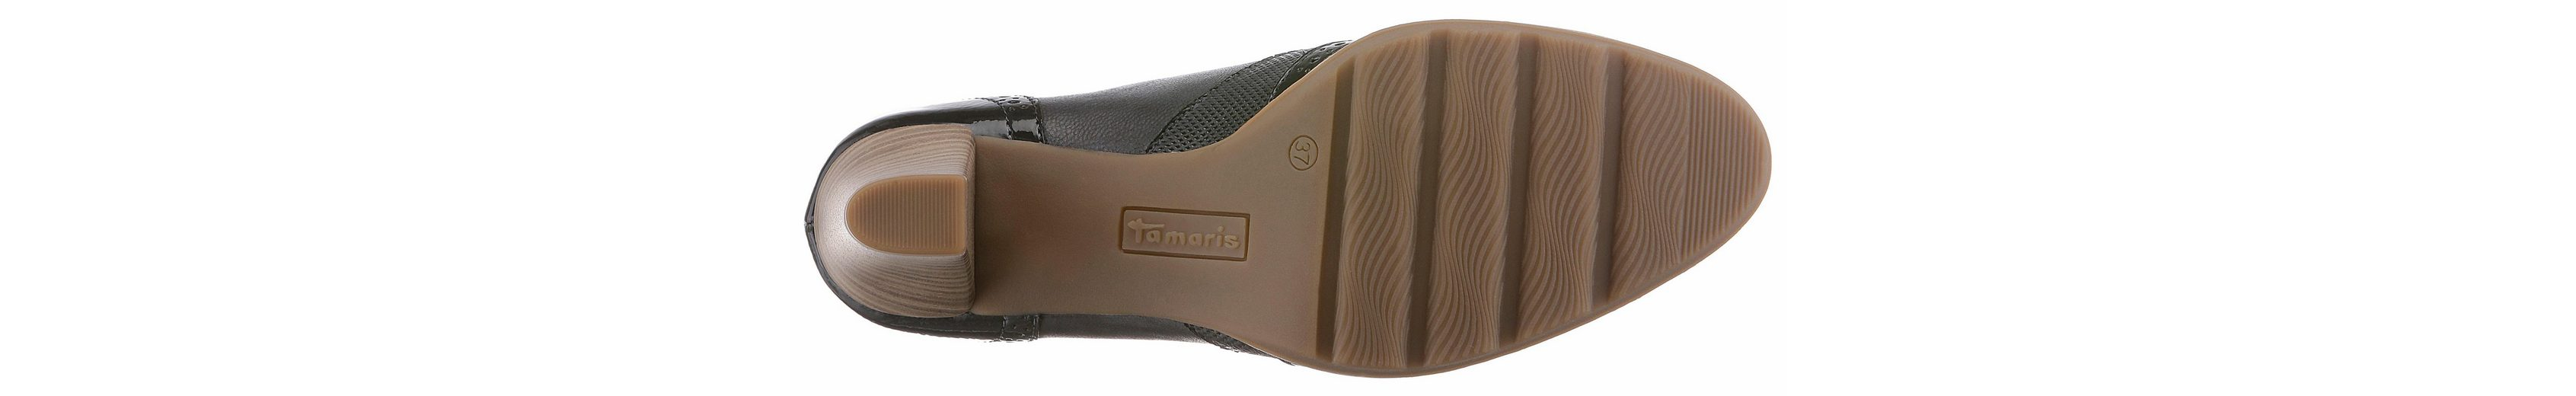 Brandsohle Hochfrontpumps mit Tamaris Tamaris Hochfrontpumps geformter mit ergonomisch tq1t0Tpw